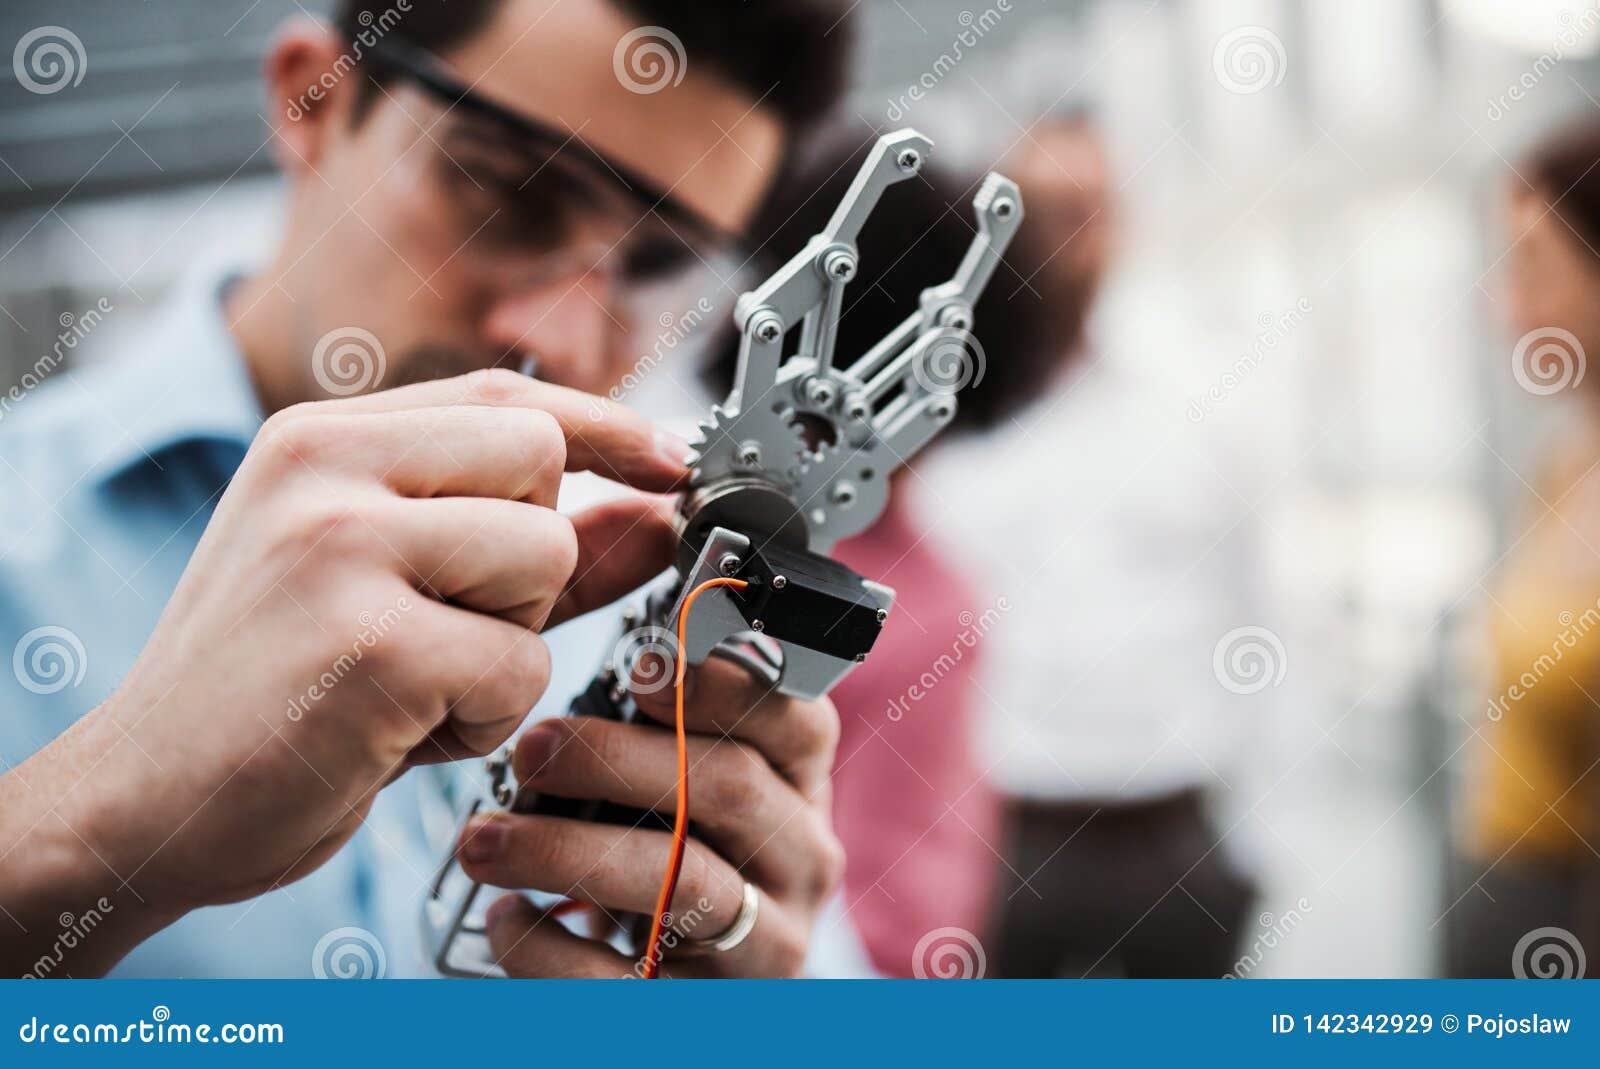 Ένας νέος επιχειρηματίας ή ένας επιστήμονας με τη ρομποτική στάση χεριών στην αρχή, εργασία